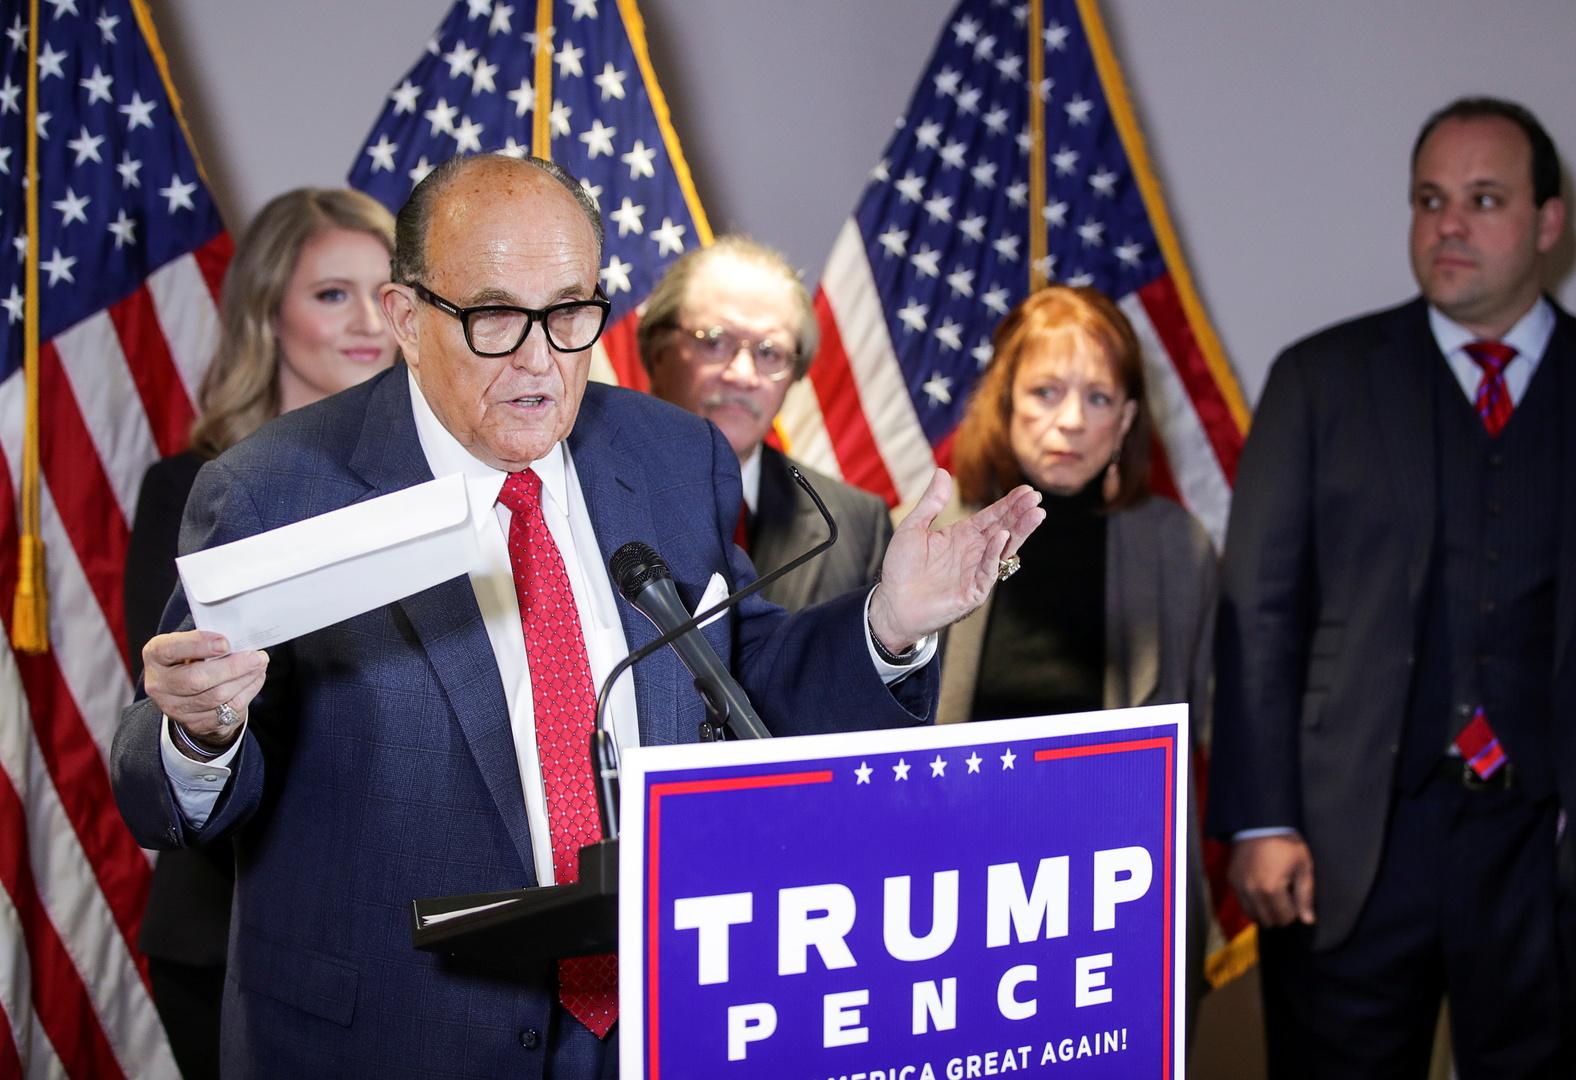 محامي ترامب: هناك دليل على خطة ممنهجة لتزوير الانتخابات لصالح الديمقراطيين